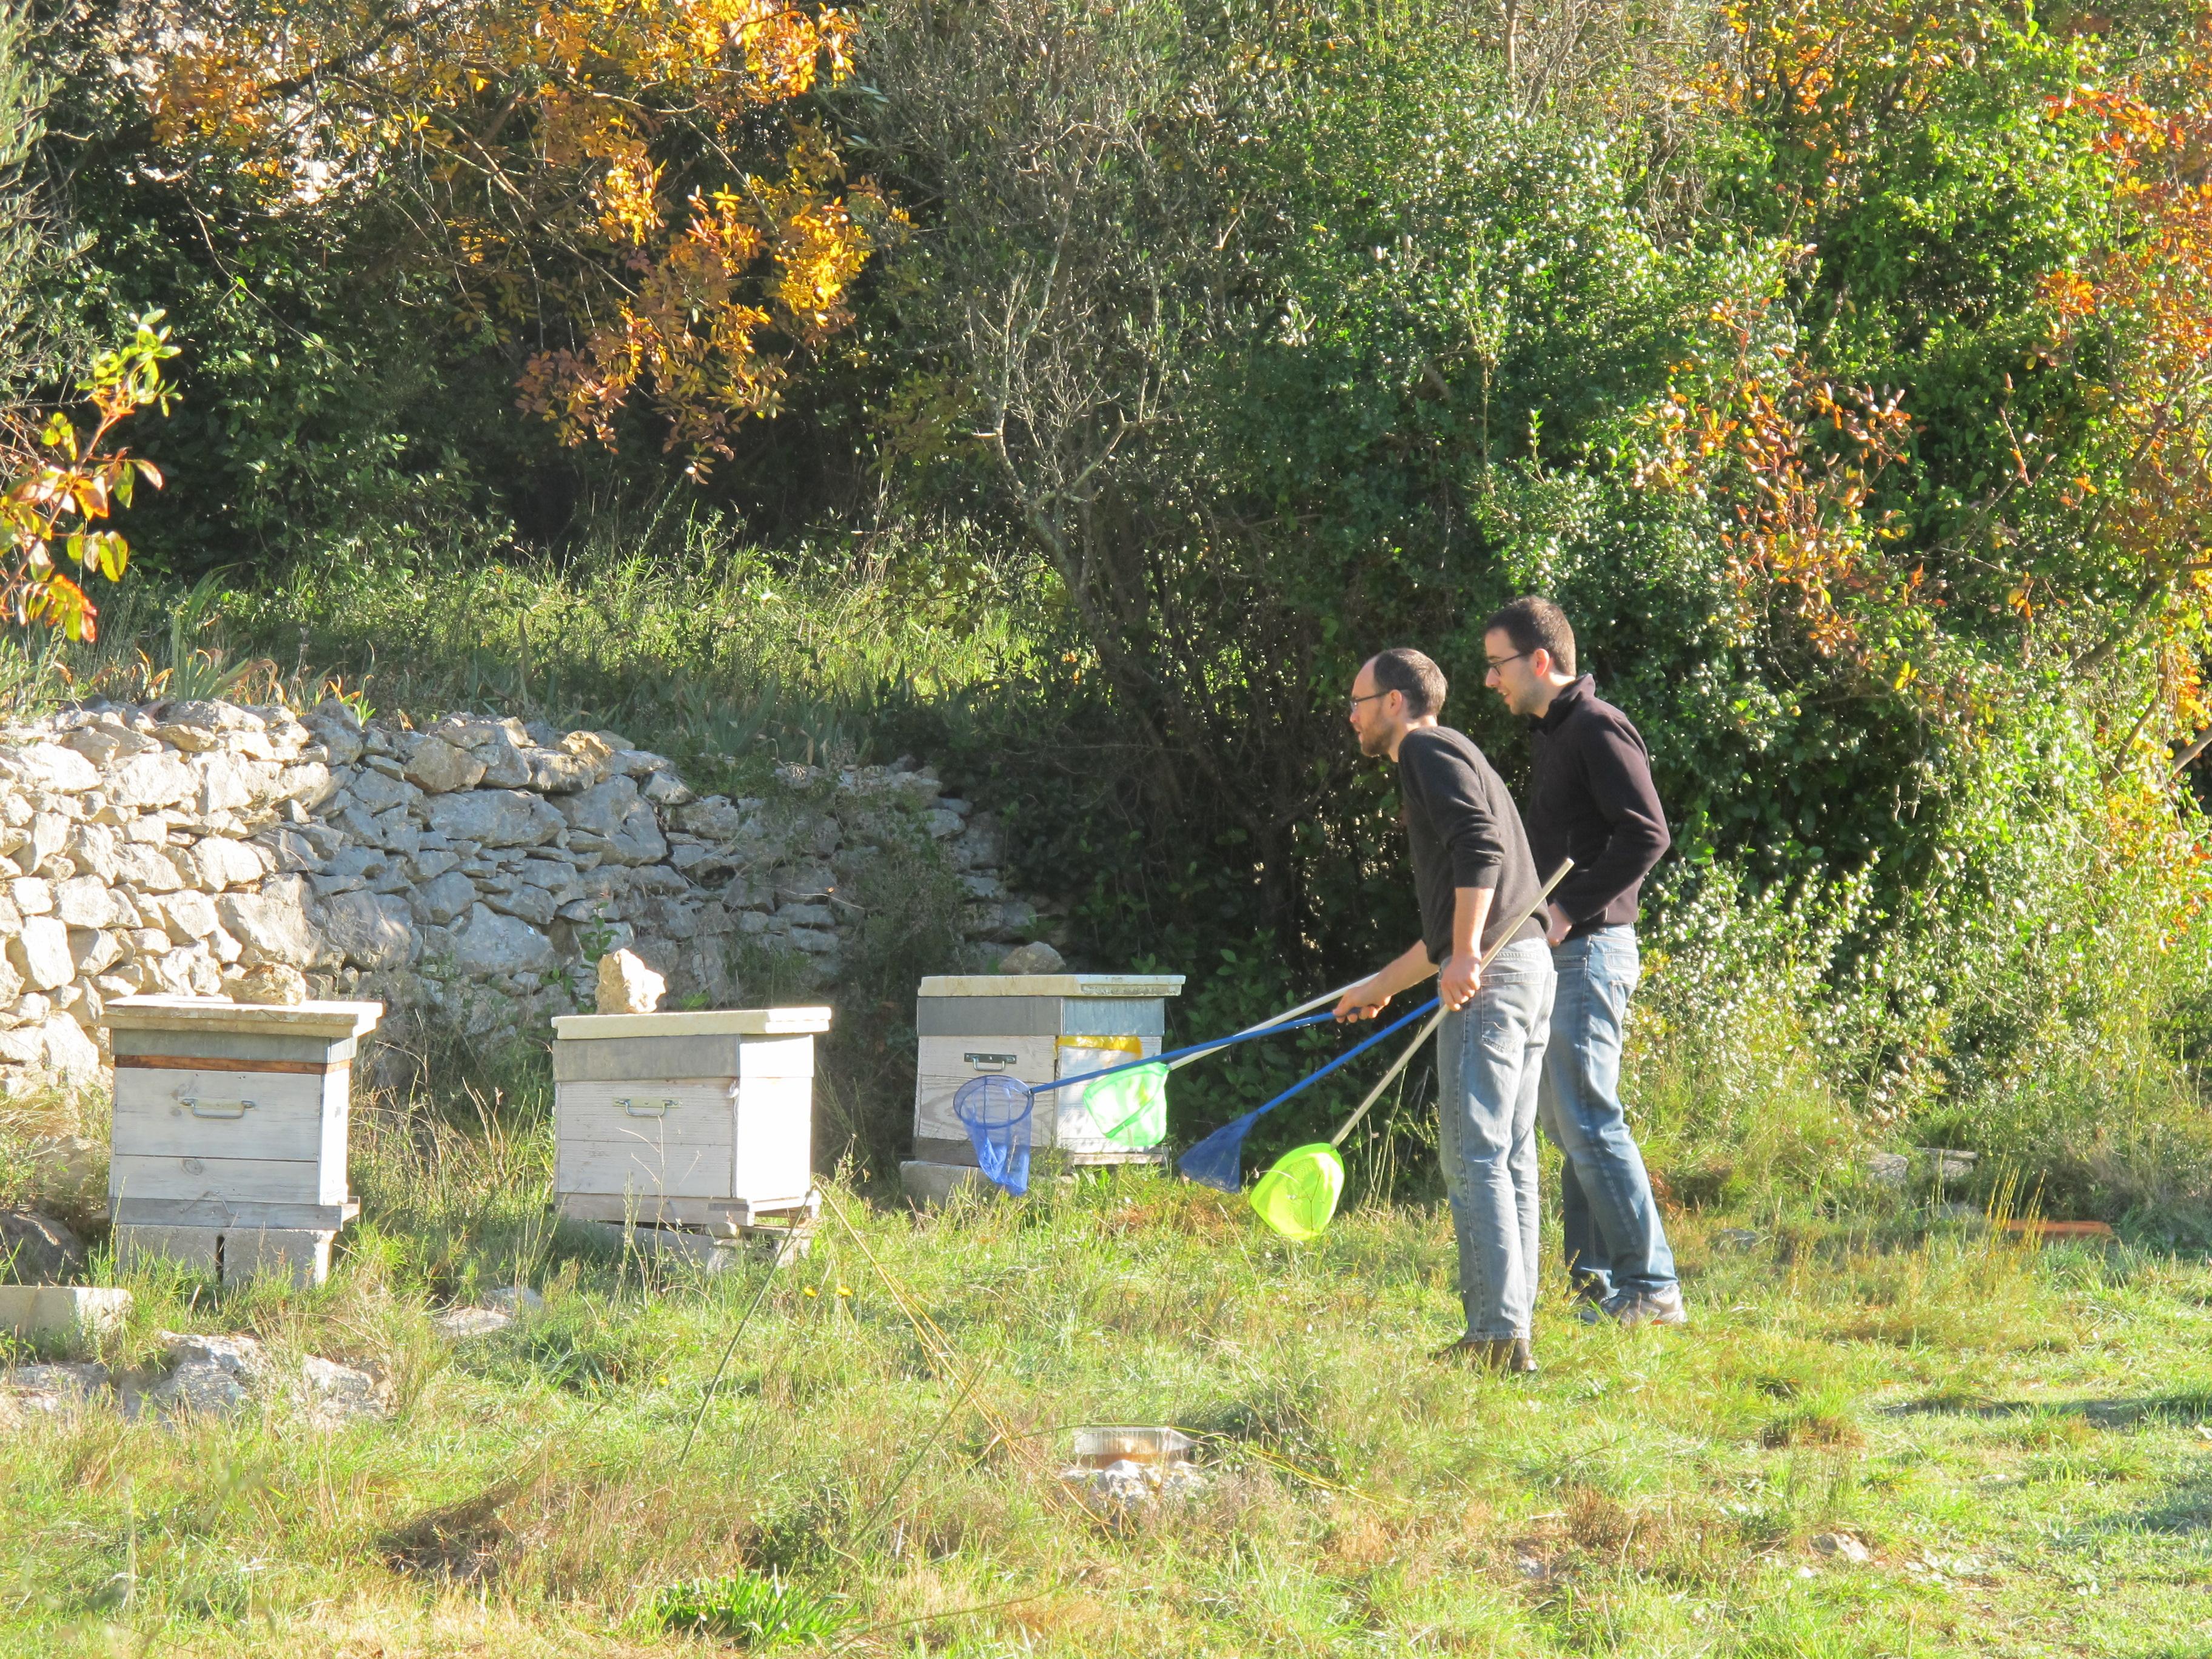 Guillaume et François, deux ingénieurs du projet, attrapent des frelons asiatiques devant les ruches, pour mener les tests.